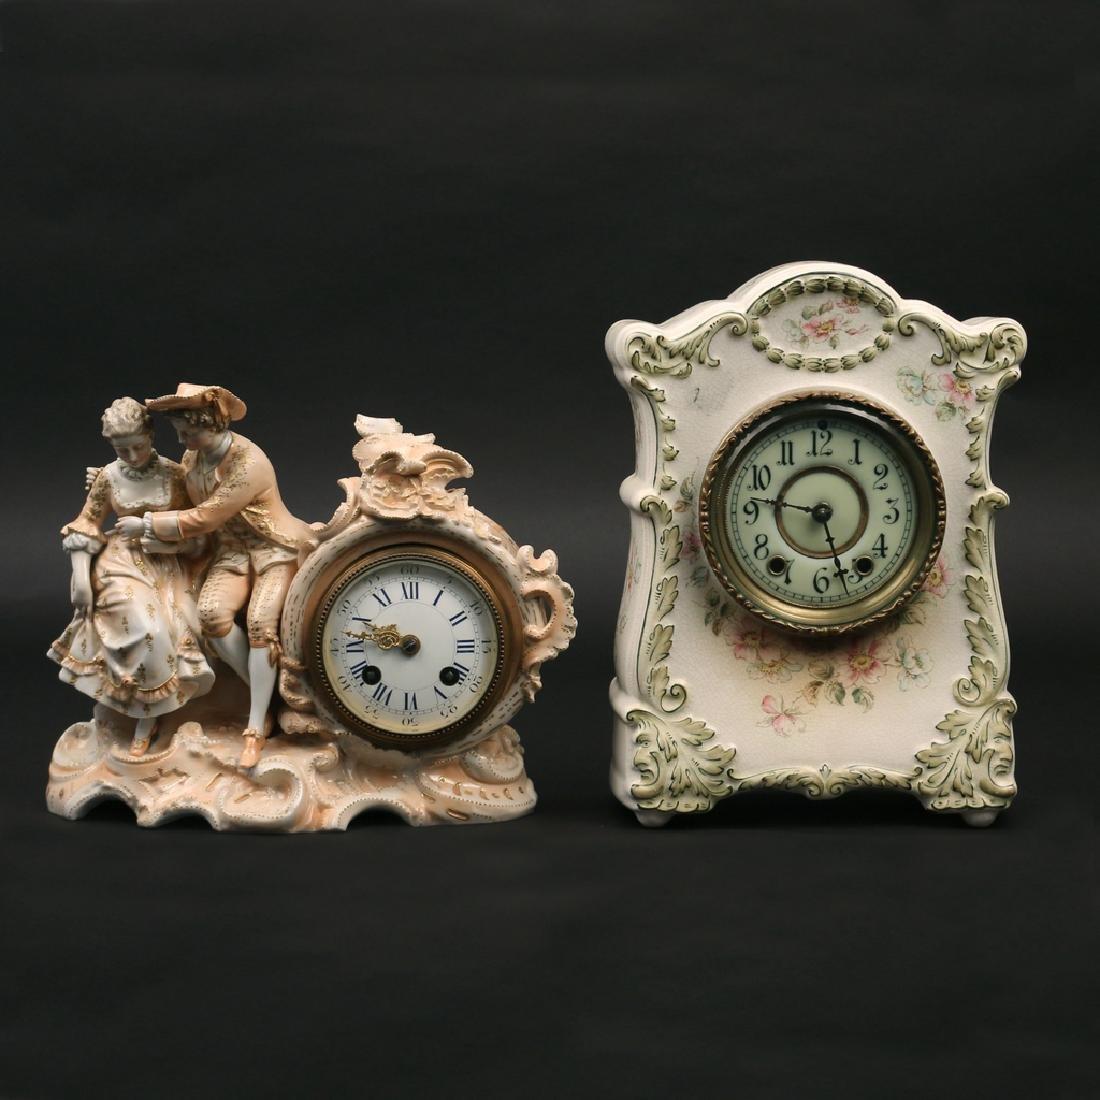 (2pc) PORCELAIN MANTEL CLOCKS